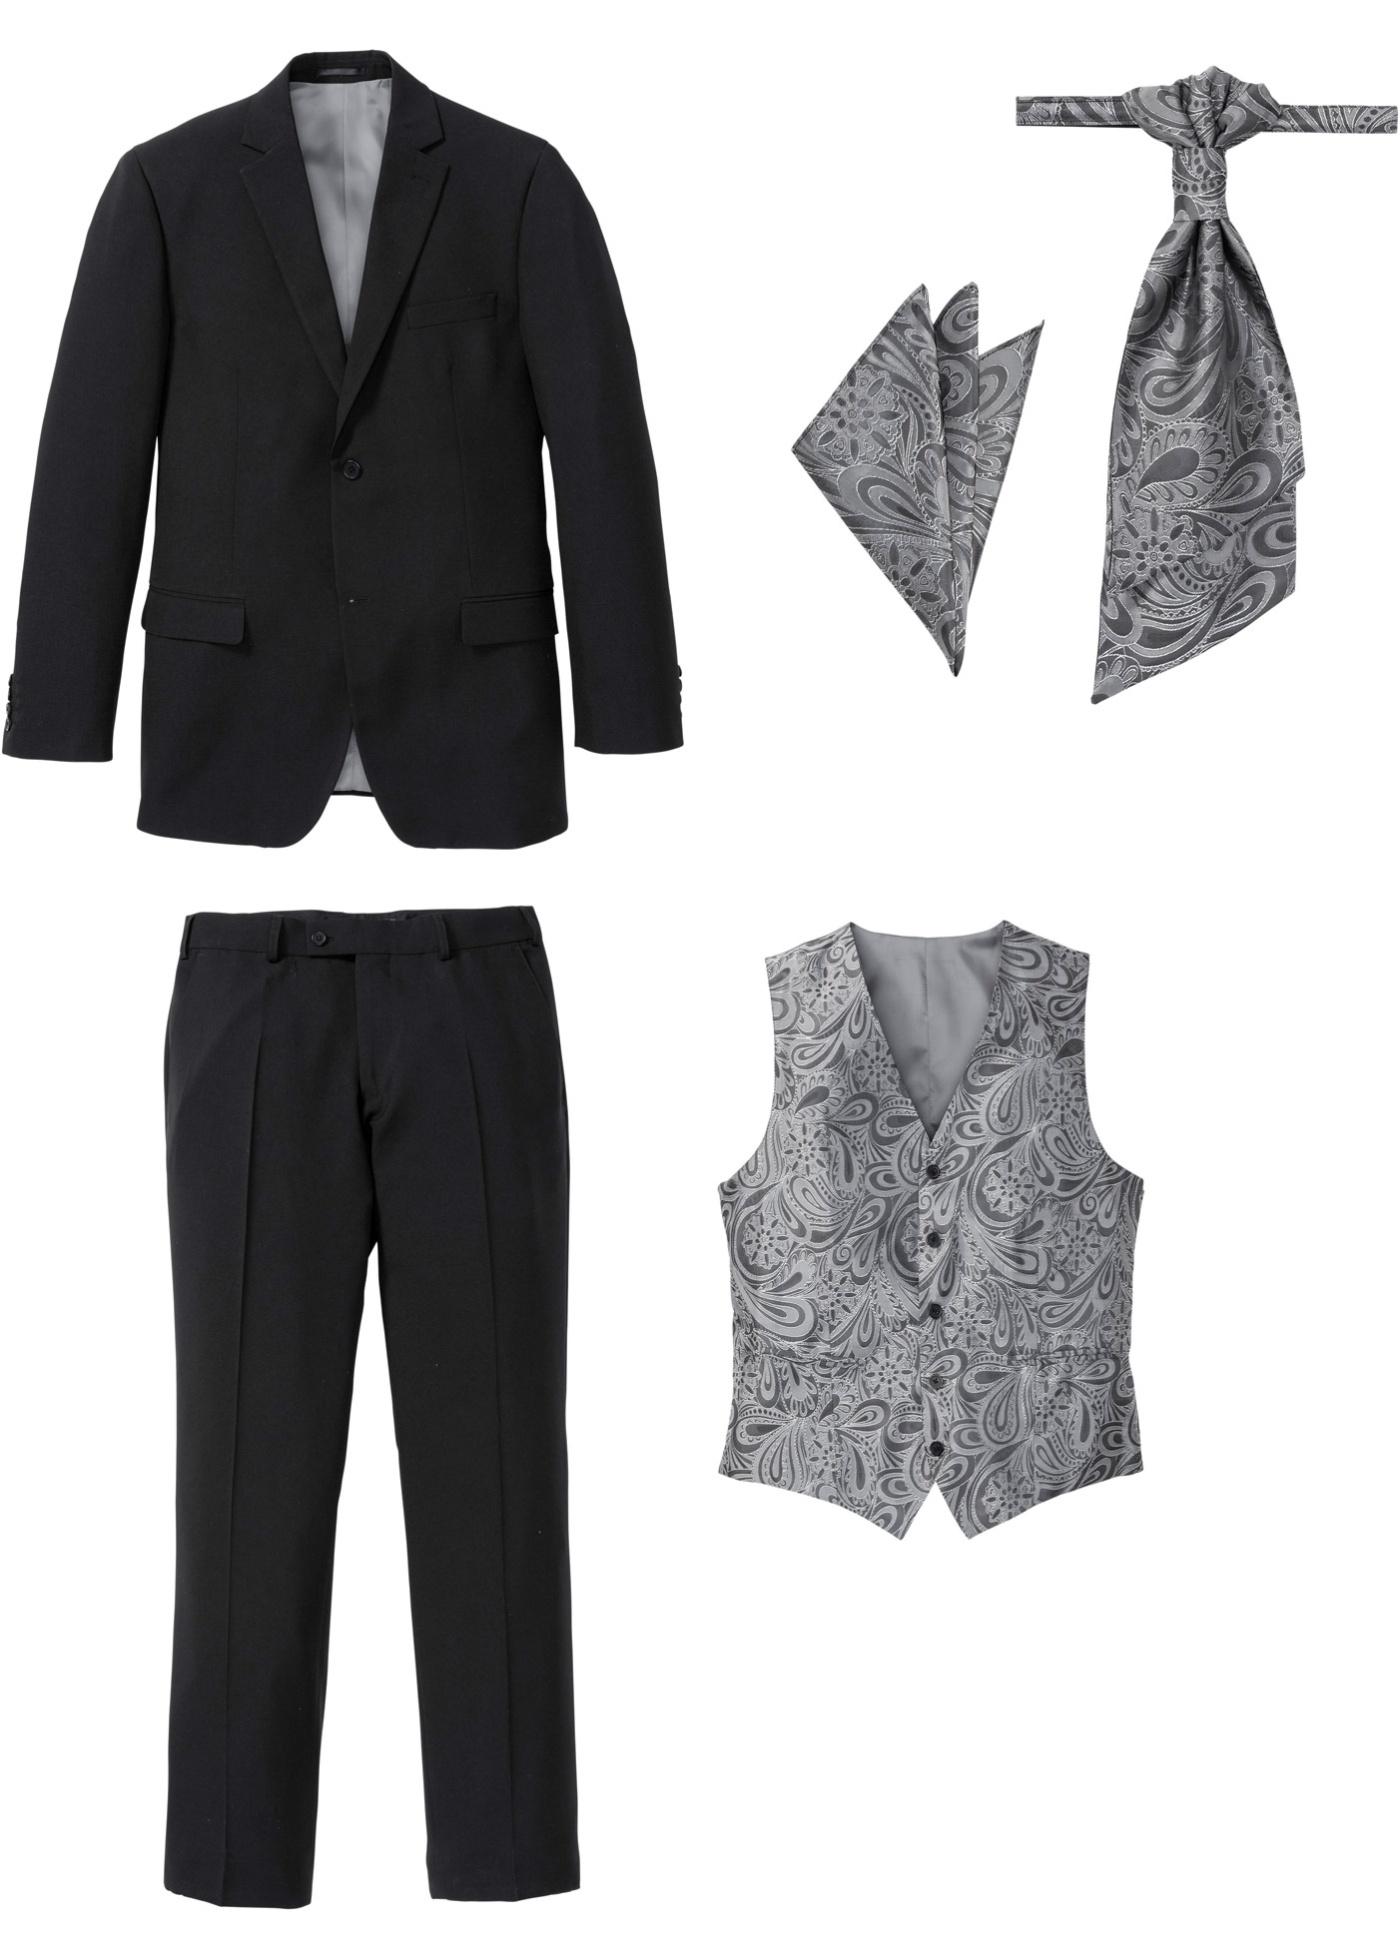 Anzug (5-tlg. Set): Sakko, Hose, Weste, Plastron, Einstecktu